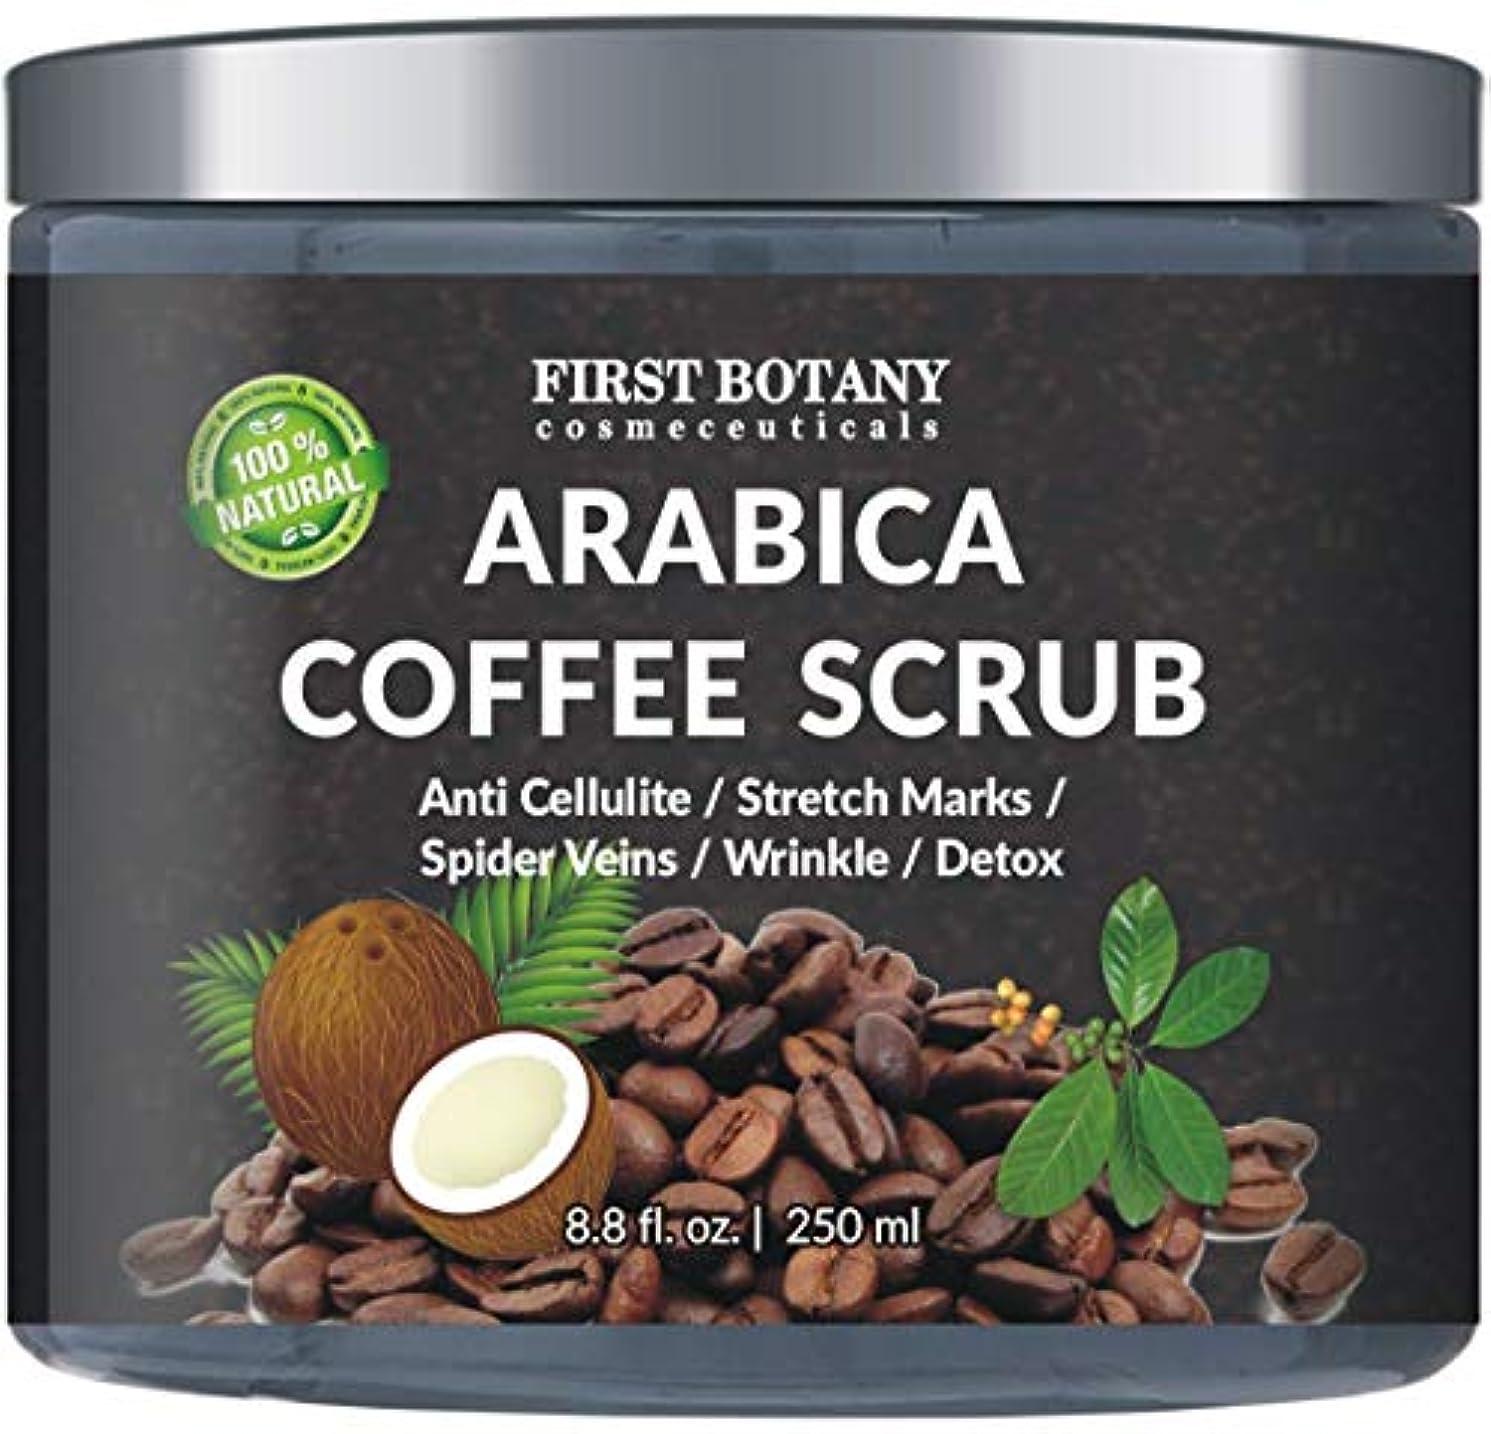 100% ナチュラル アラビカ コーヒースクラブ with 有機コーヒー、ココナッツ、シアバター | ボディースクラブクリーム [海外直送品] (283グラム)